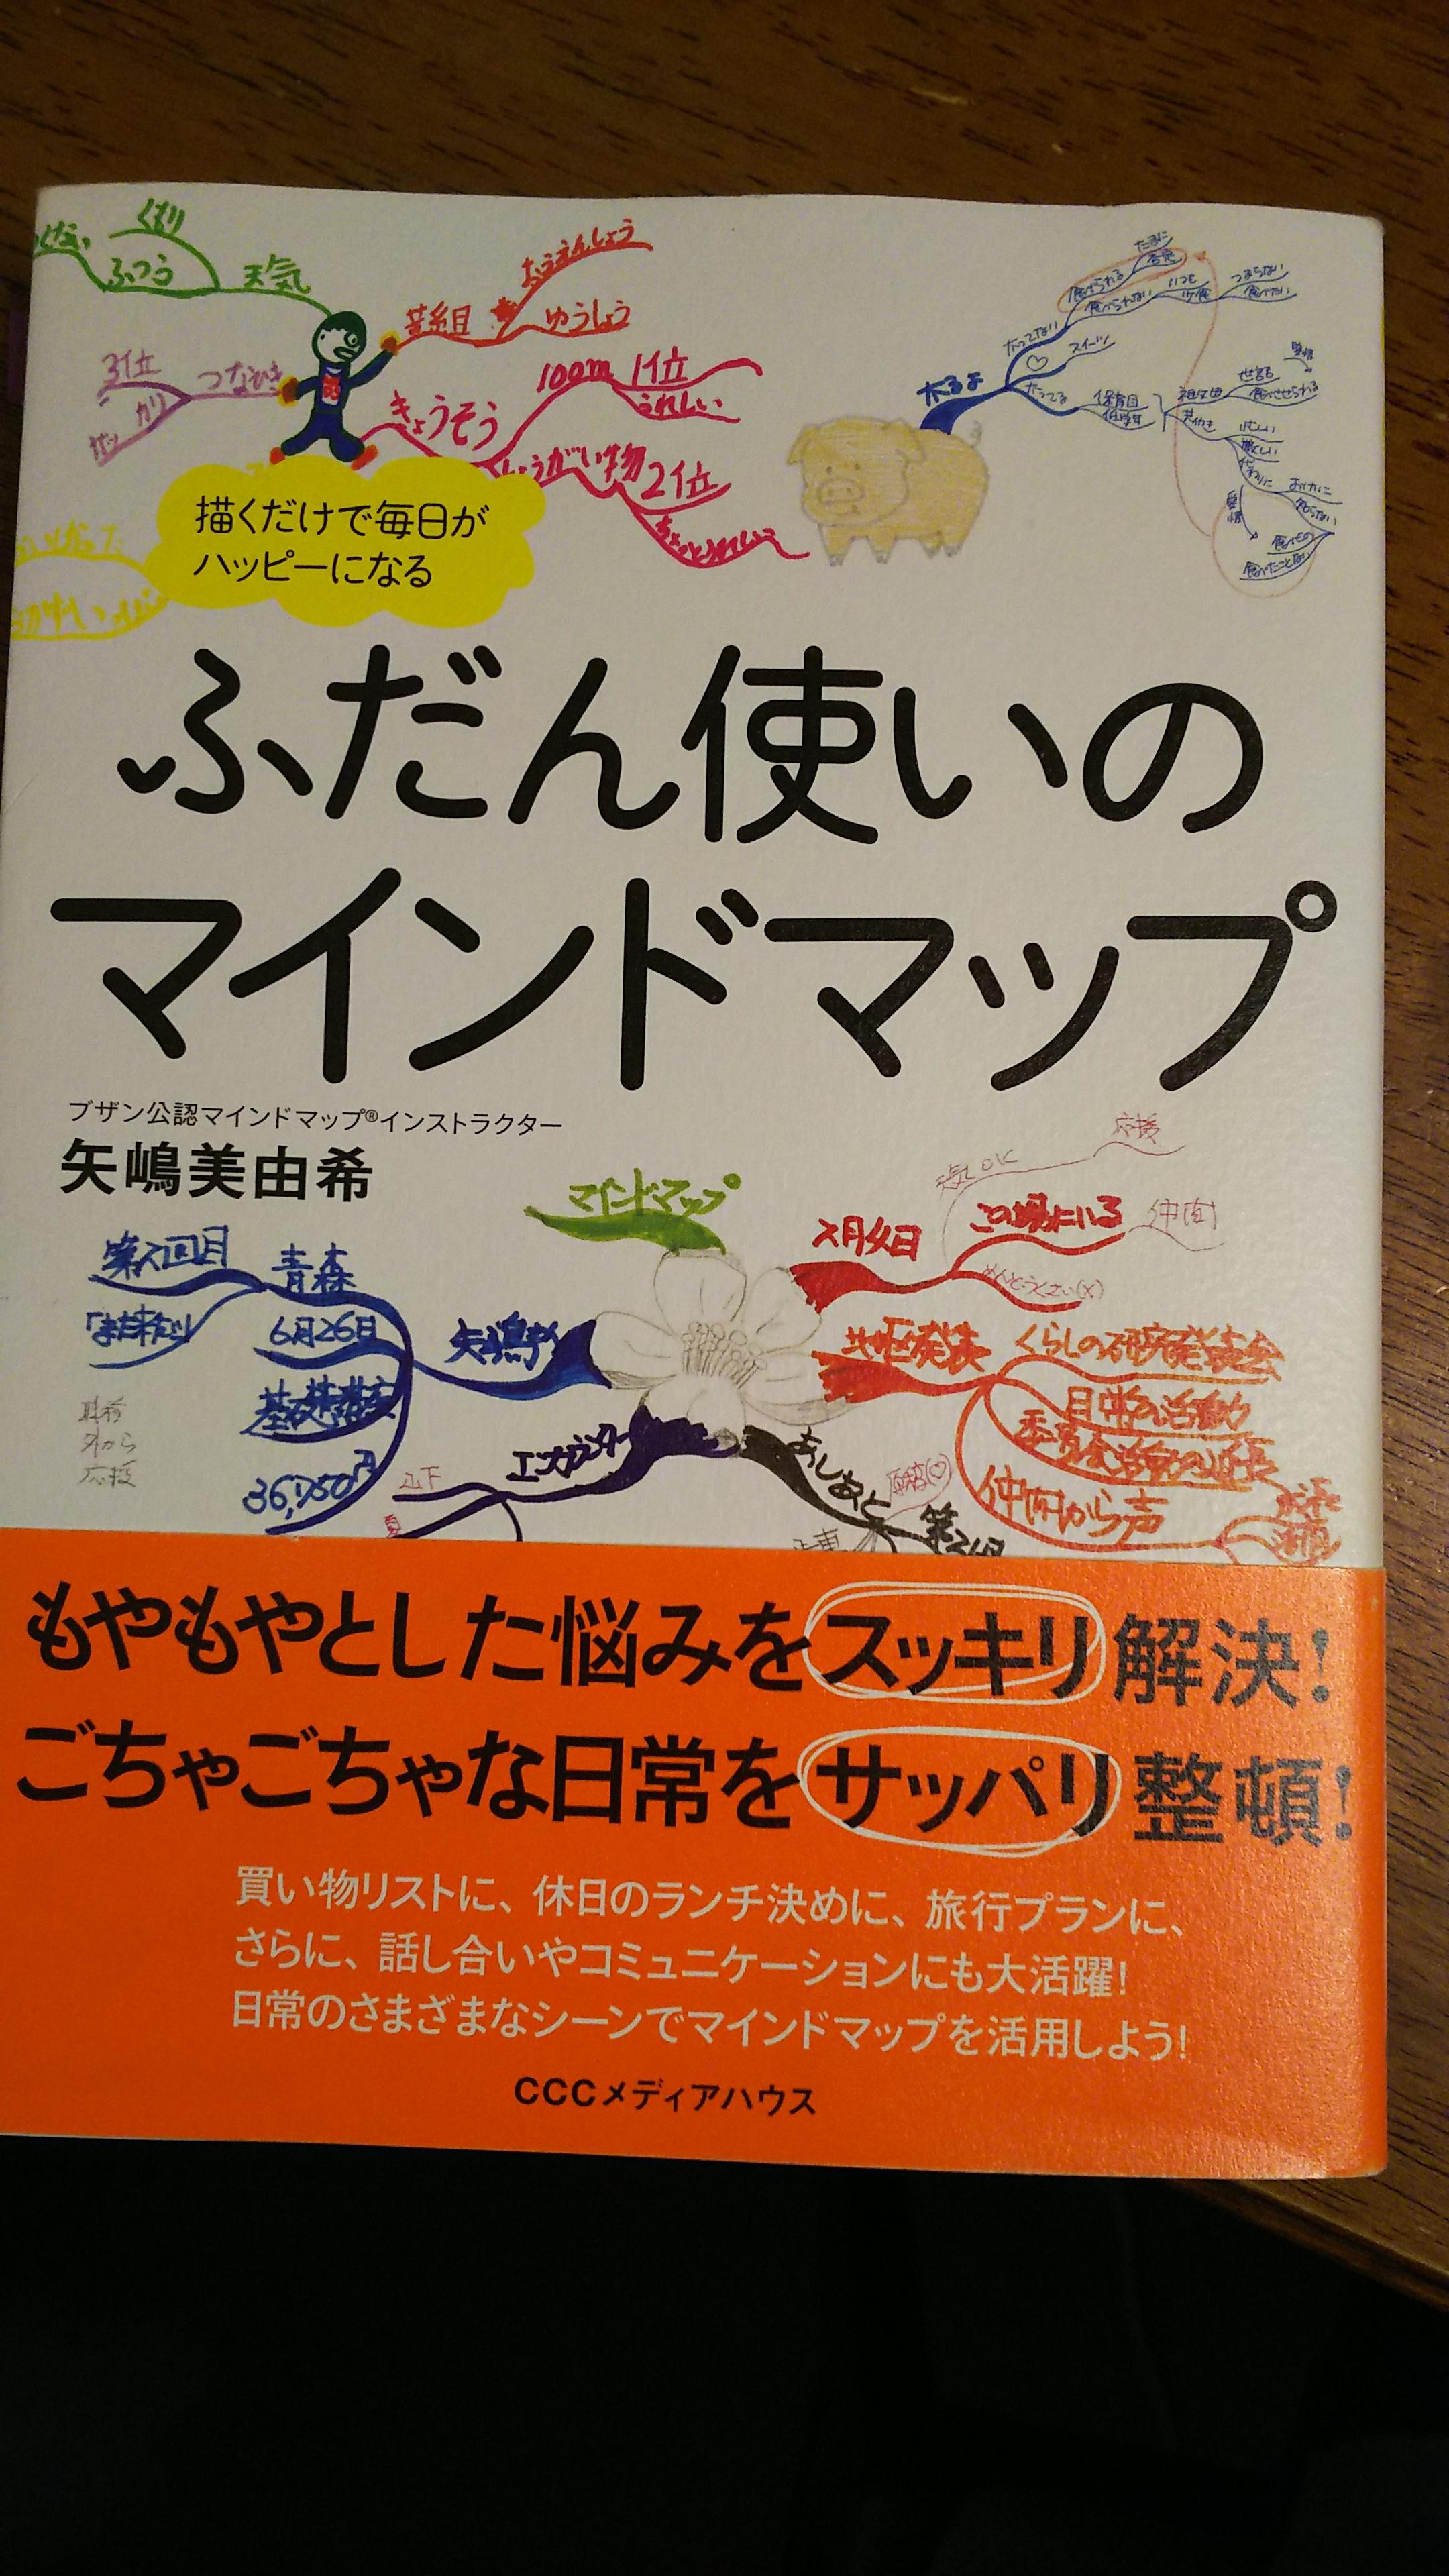 マインドマップおすすめ書籍「ふだん使いのマインドマップ」